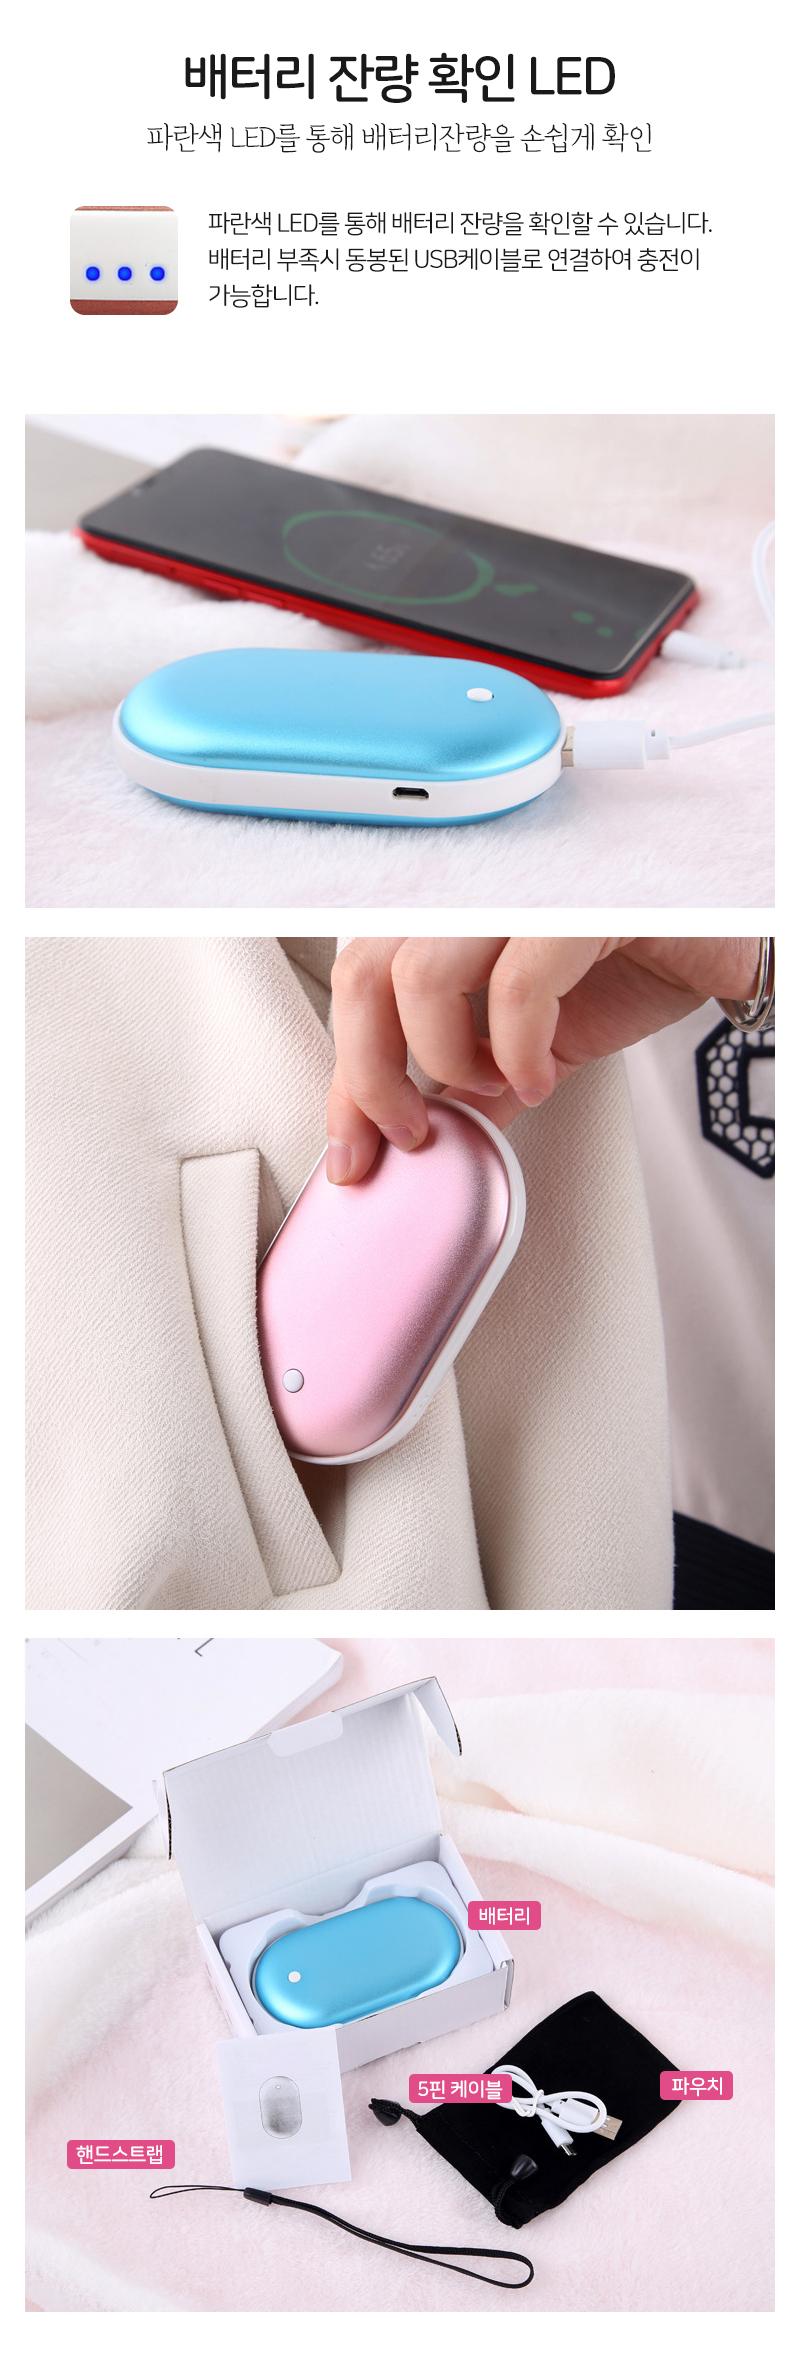 USB충전 보조배터리겸용 충전식손난로 - 보라리빙, 11,000원, 온열/난방제품, 온풍기